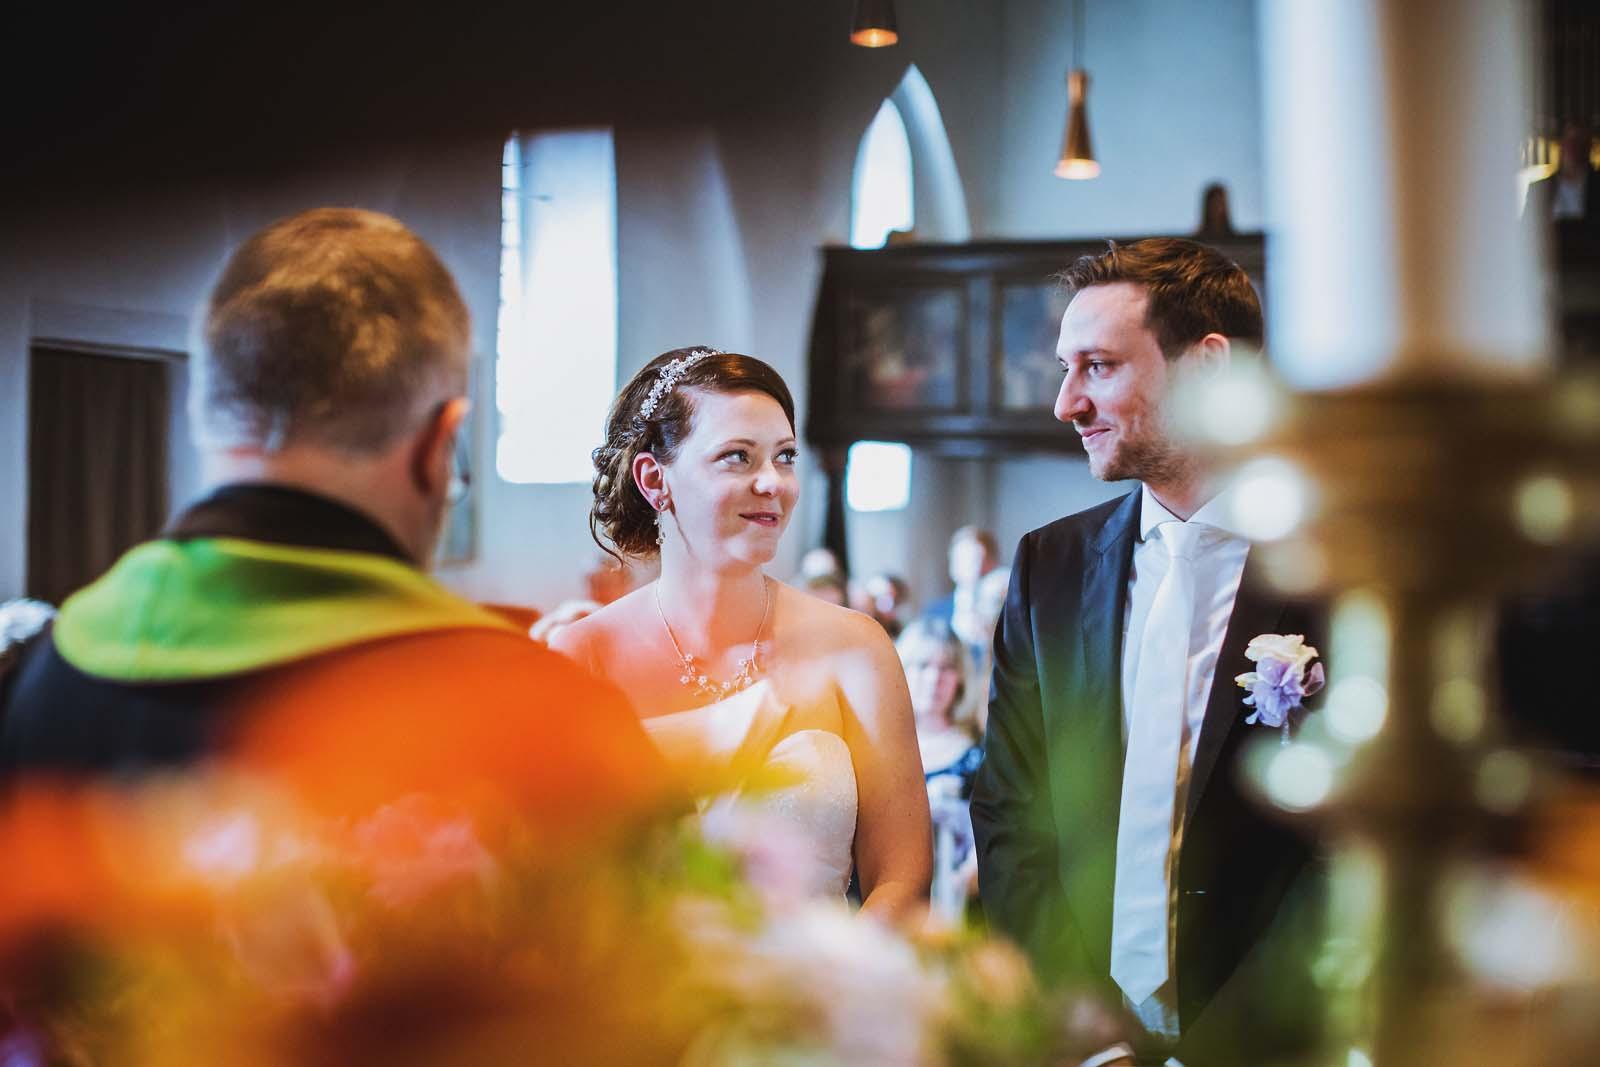 Hochzeitsfotograf einer Trauung in einer Kirche Copyright by Hochzeitsfotograf www.berliner-hochzeitsfotografie.de